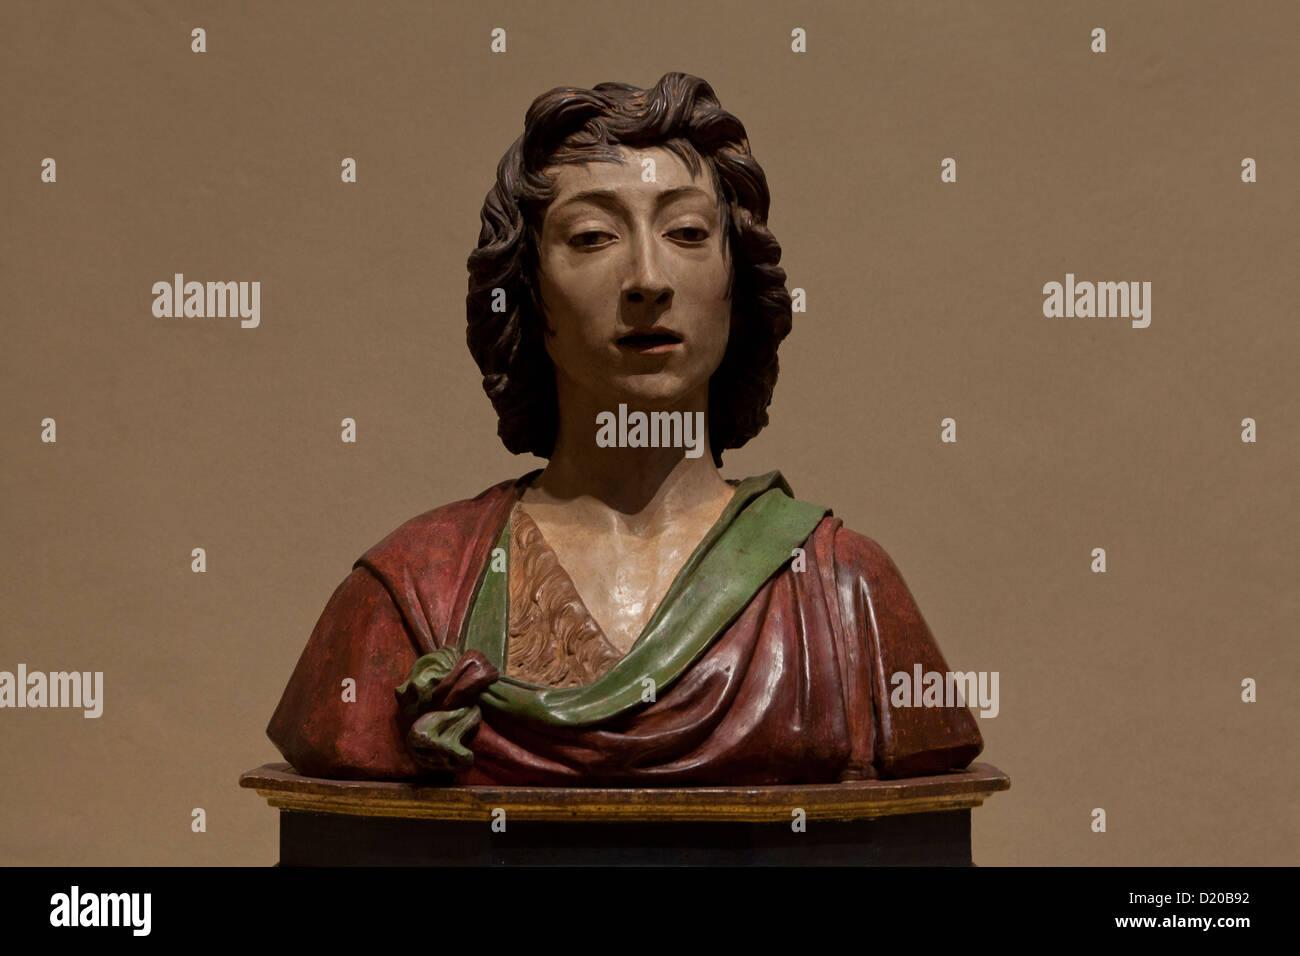 Saint John the Baptist sculpture by Desiderio Da Settignano, c. 1490 - Stock Image